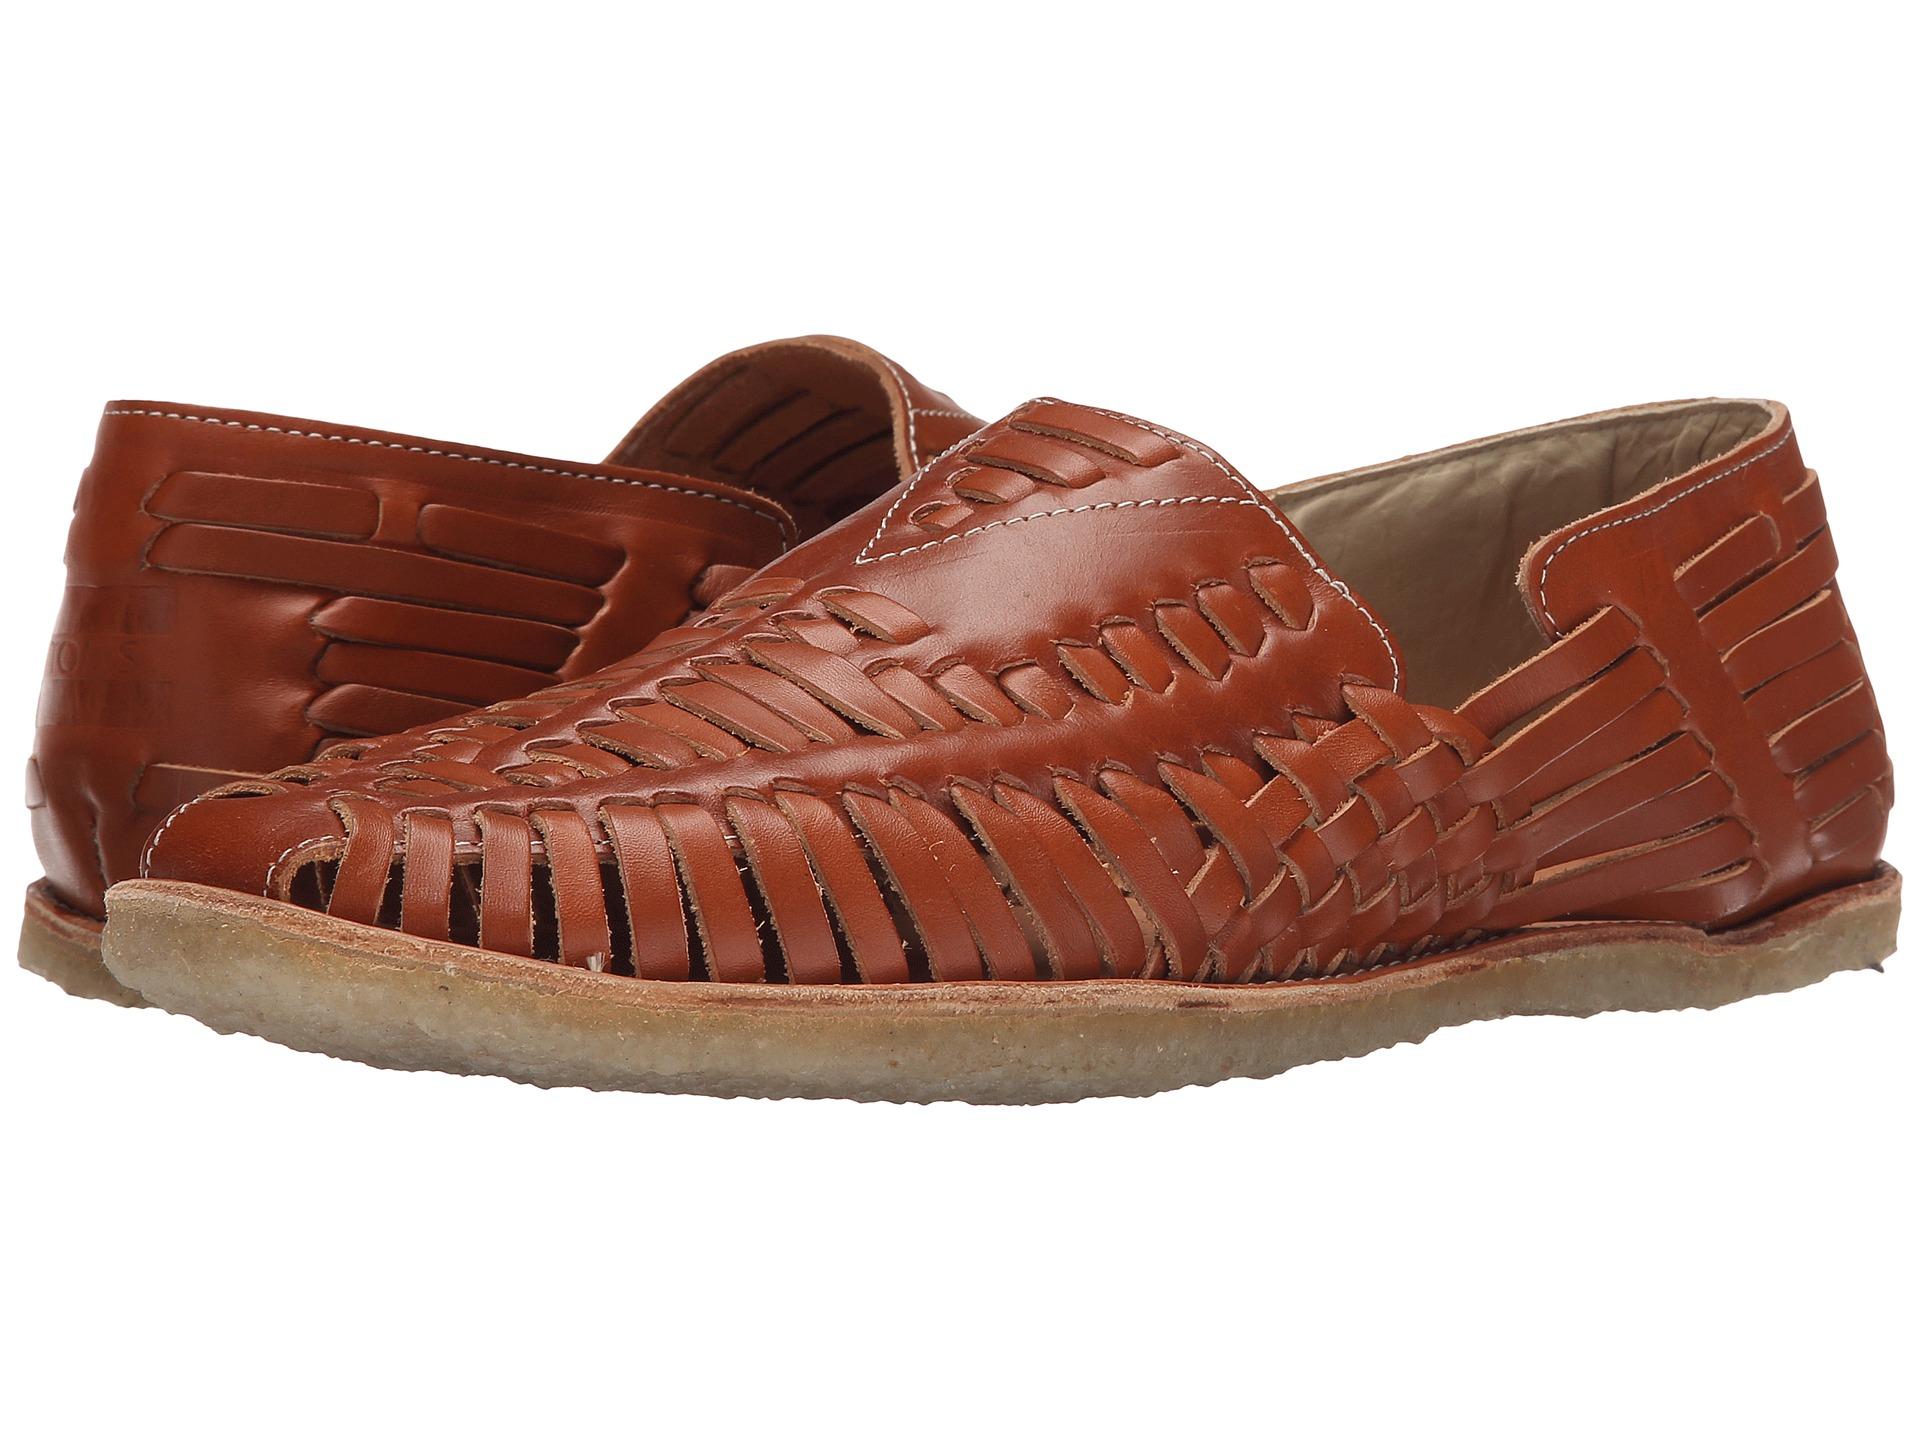 04f429d60c8 Lyst - TOMS Huarache Slip-on in Brown for Men